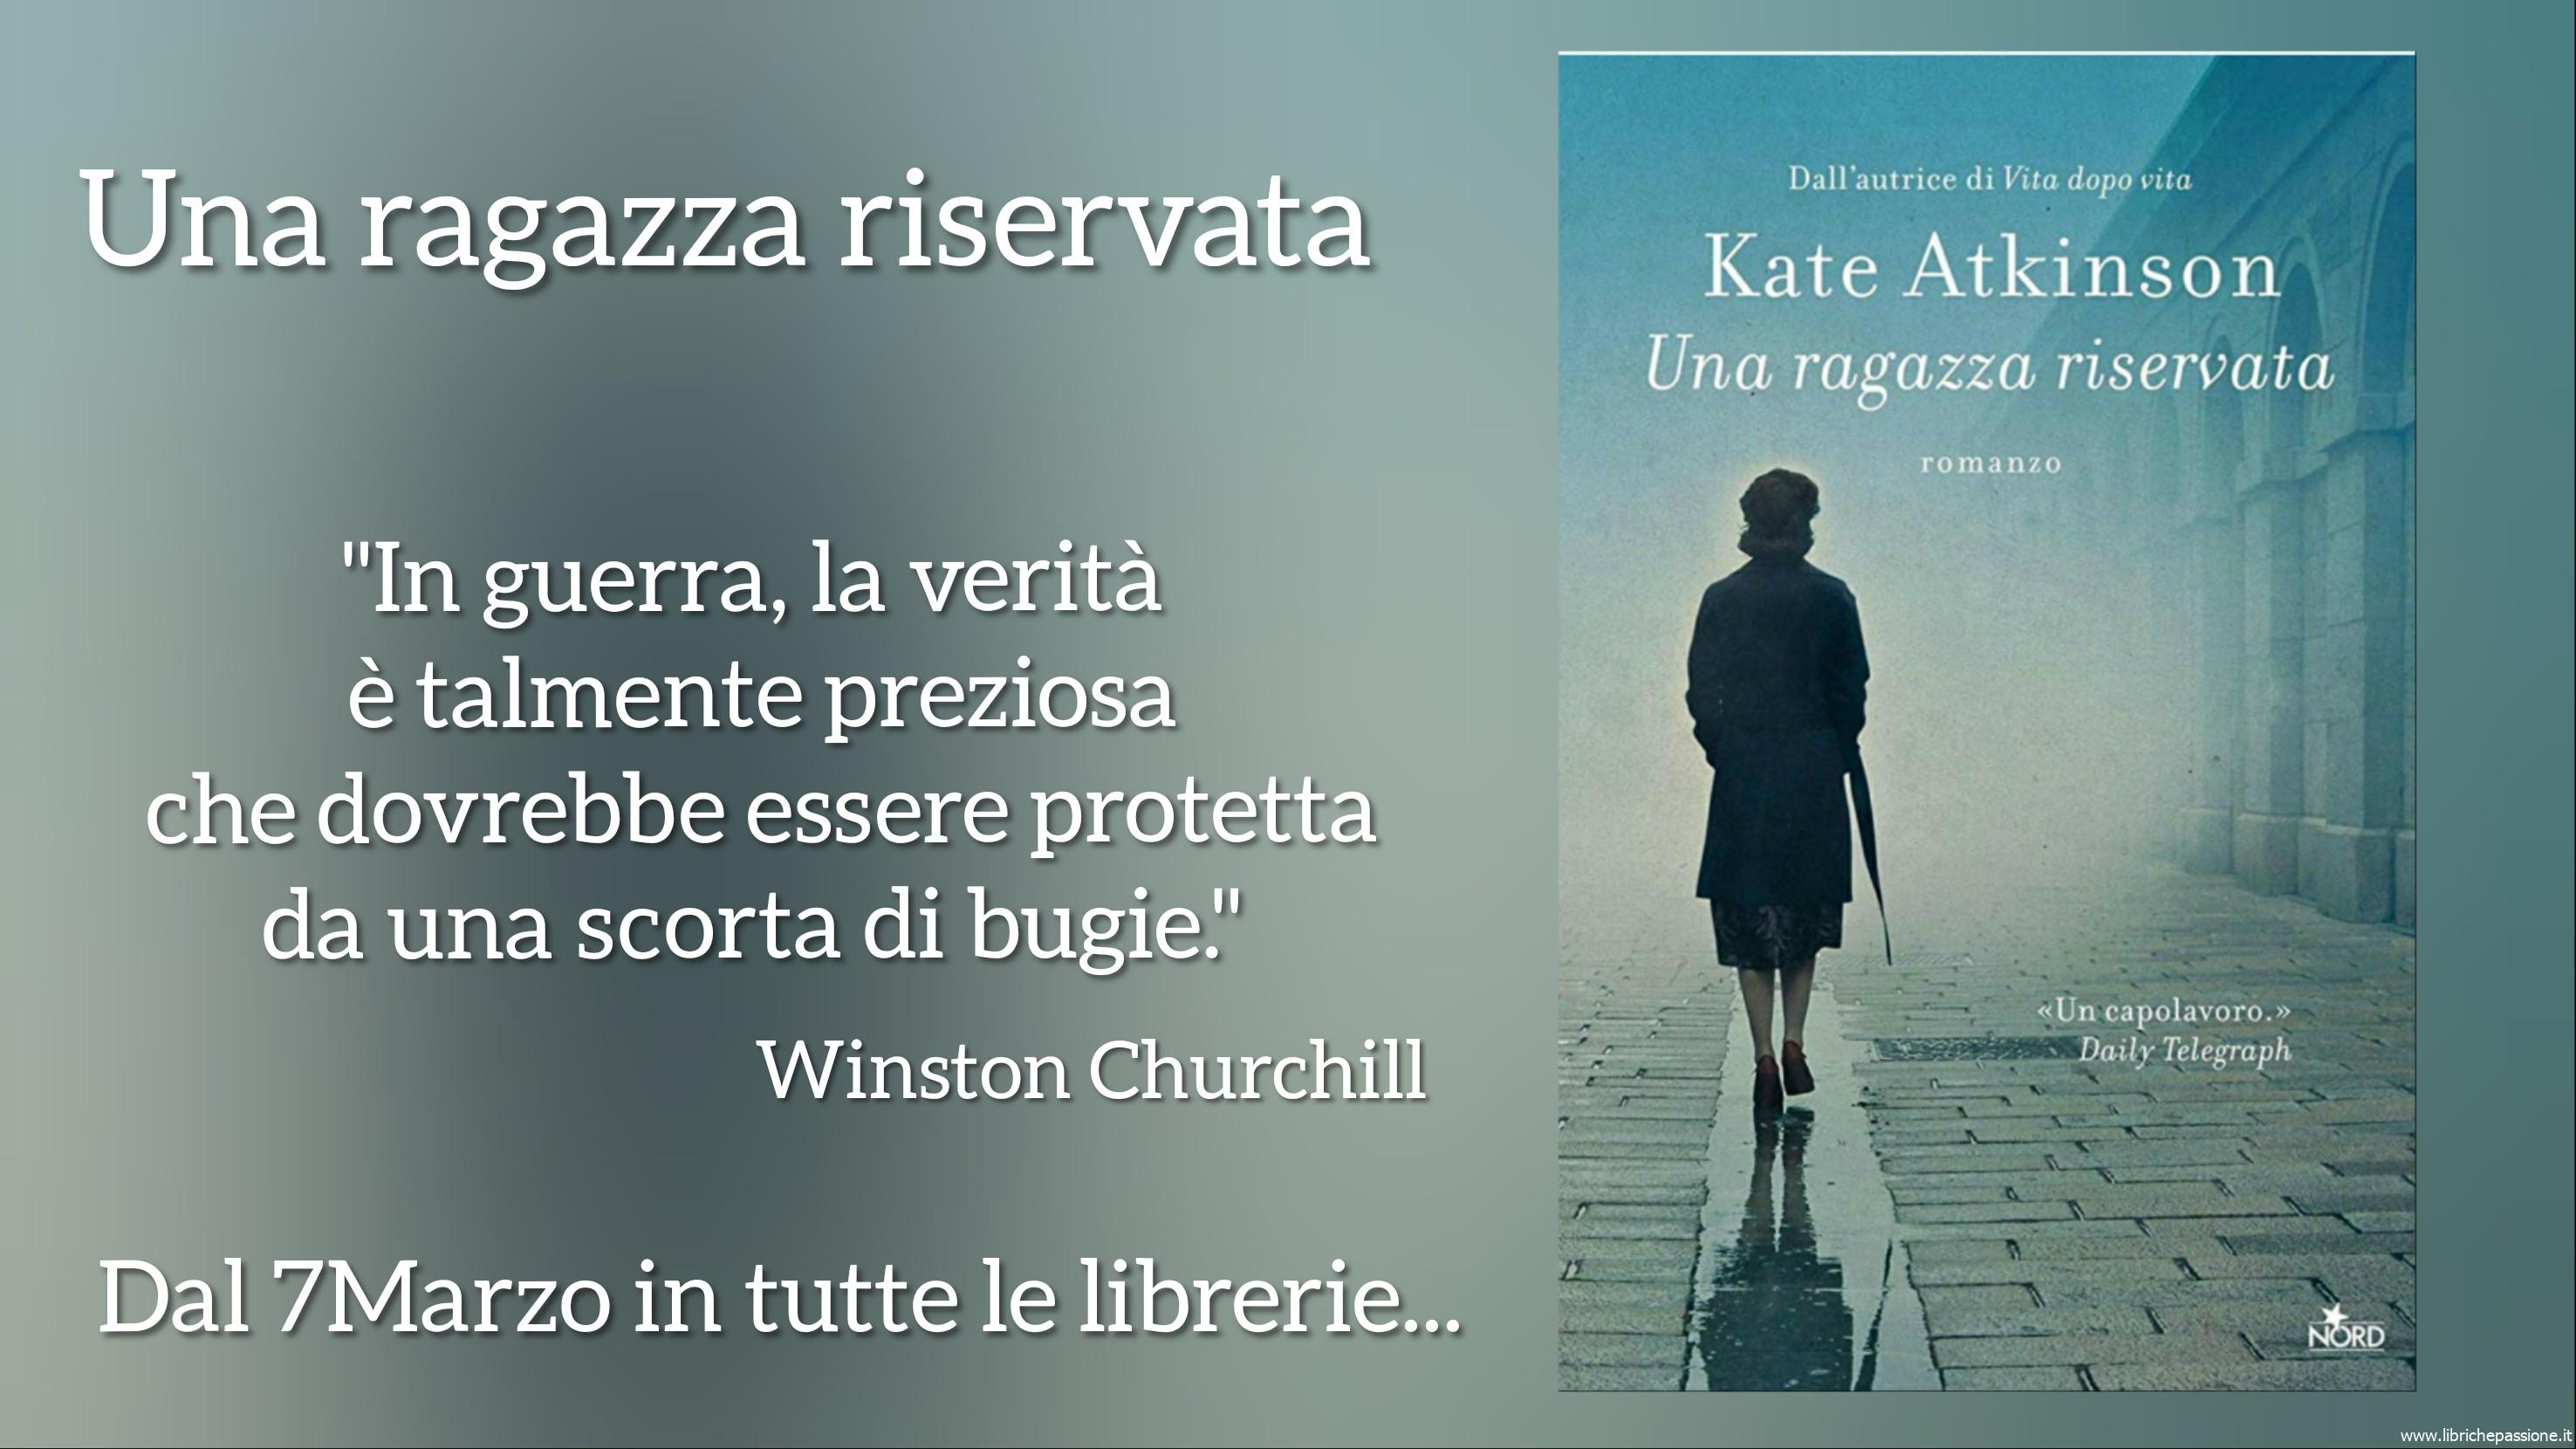 """Vi presento """"Una ragazza riservata"""" autrice Kate Atkinson, edizioni Nord dal 7 Marzo in libreria!"""